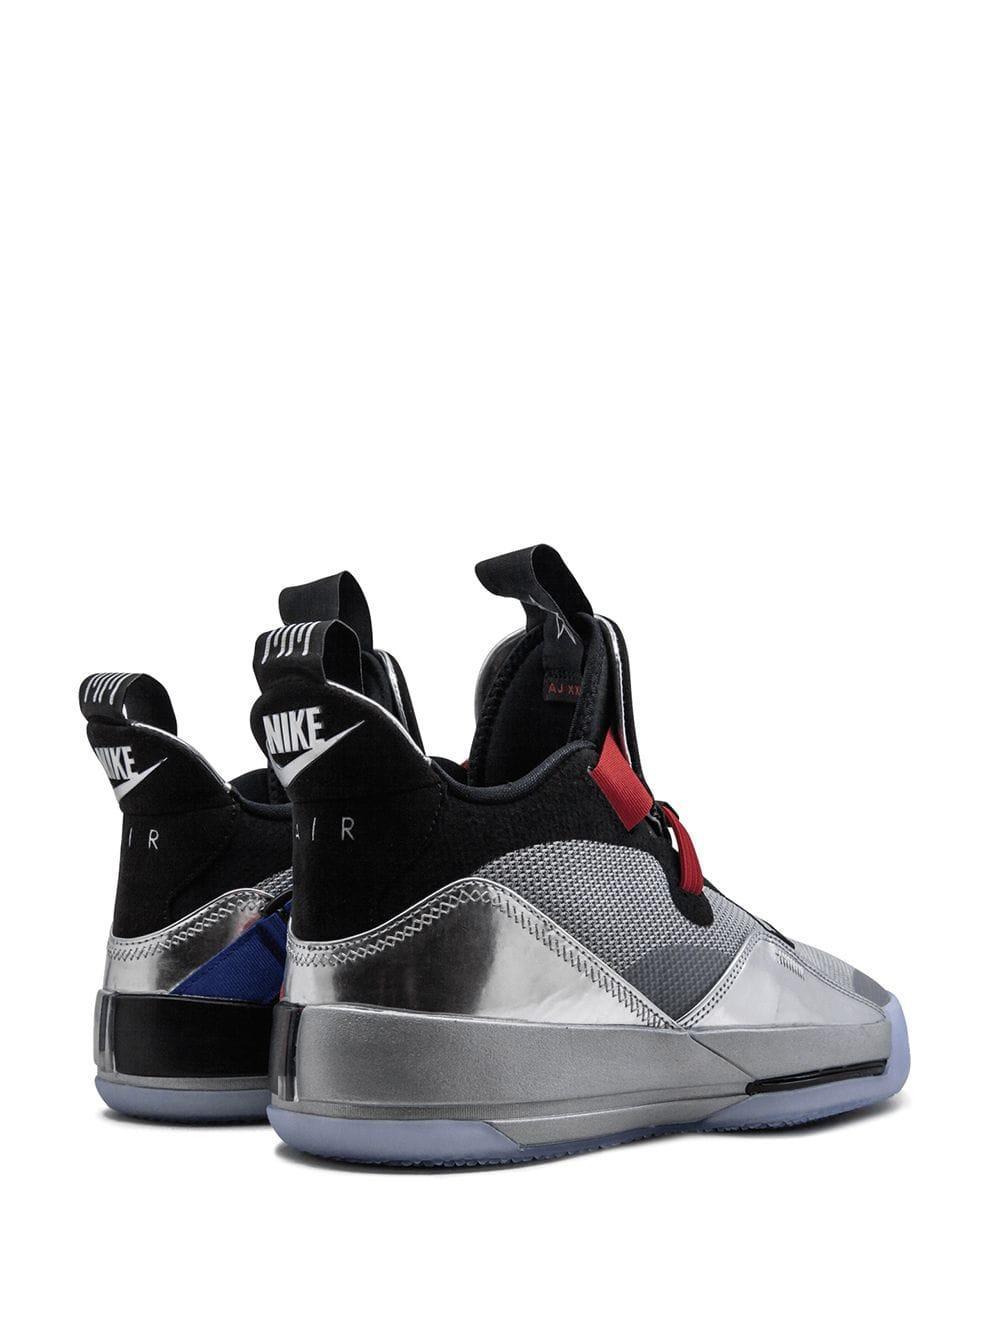 Nike Synthetisch Air 33 Sneakers in het Metallic voor heren